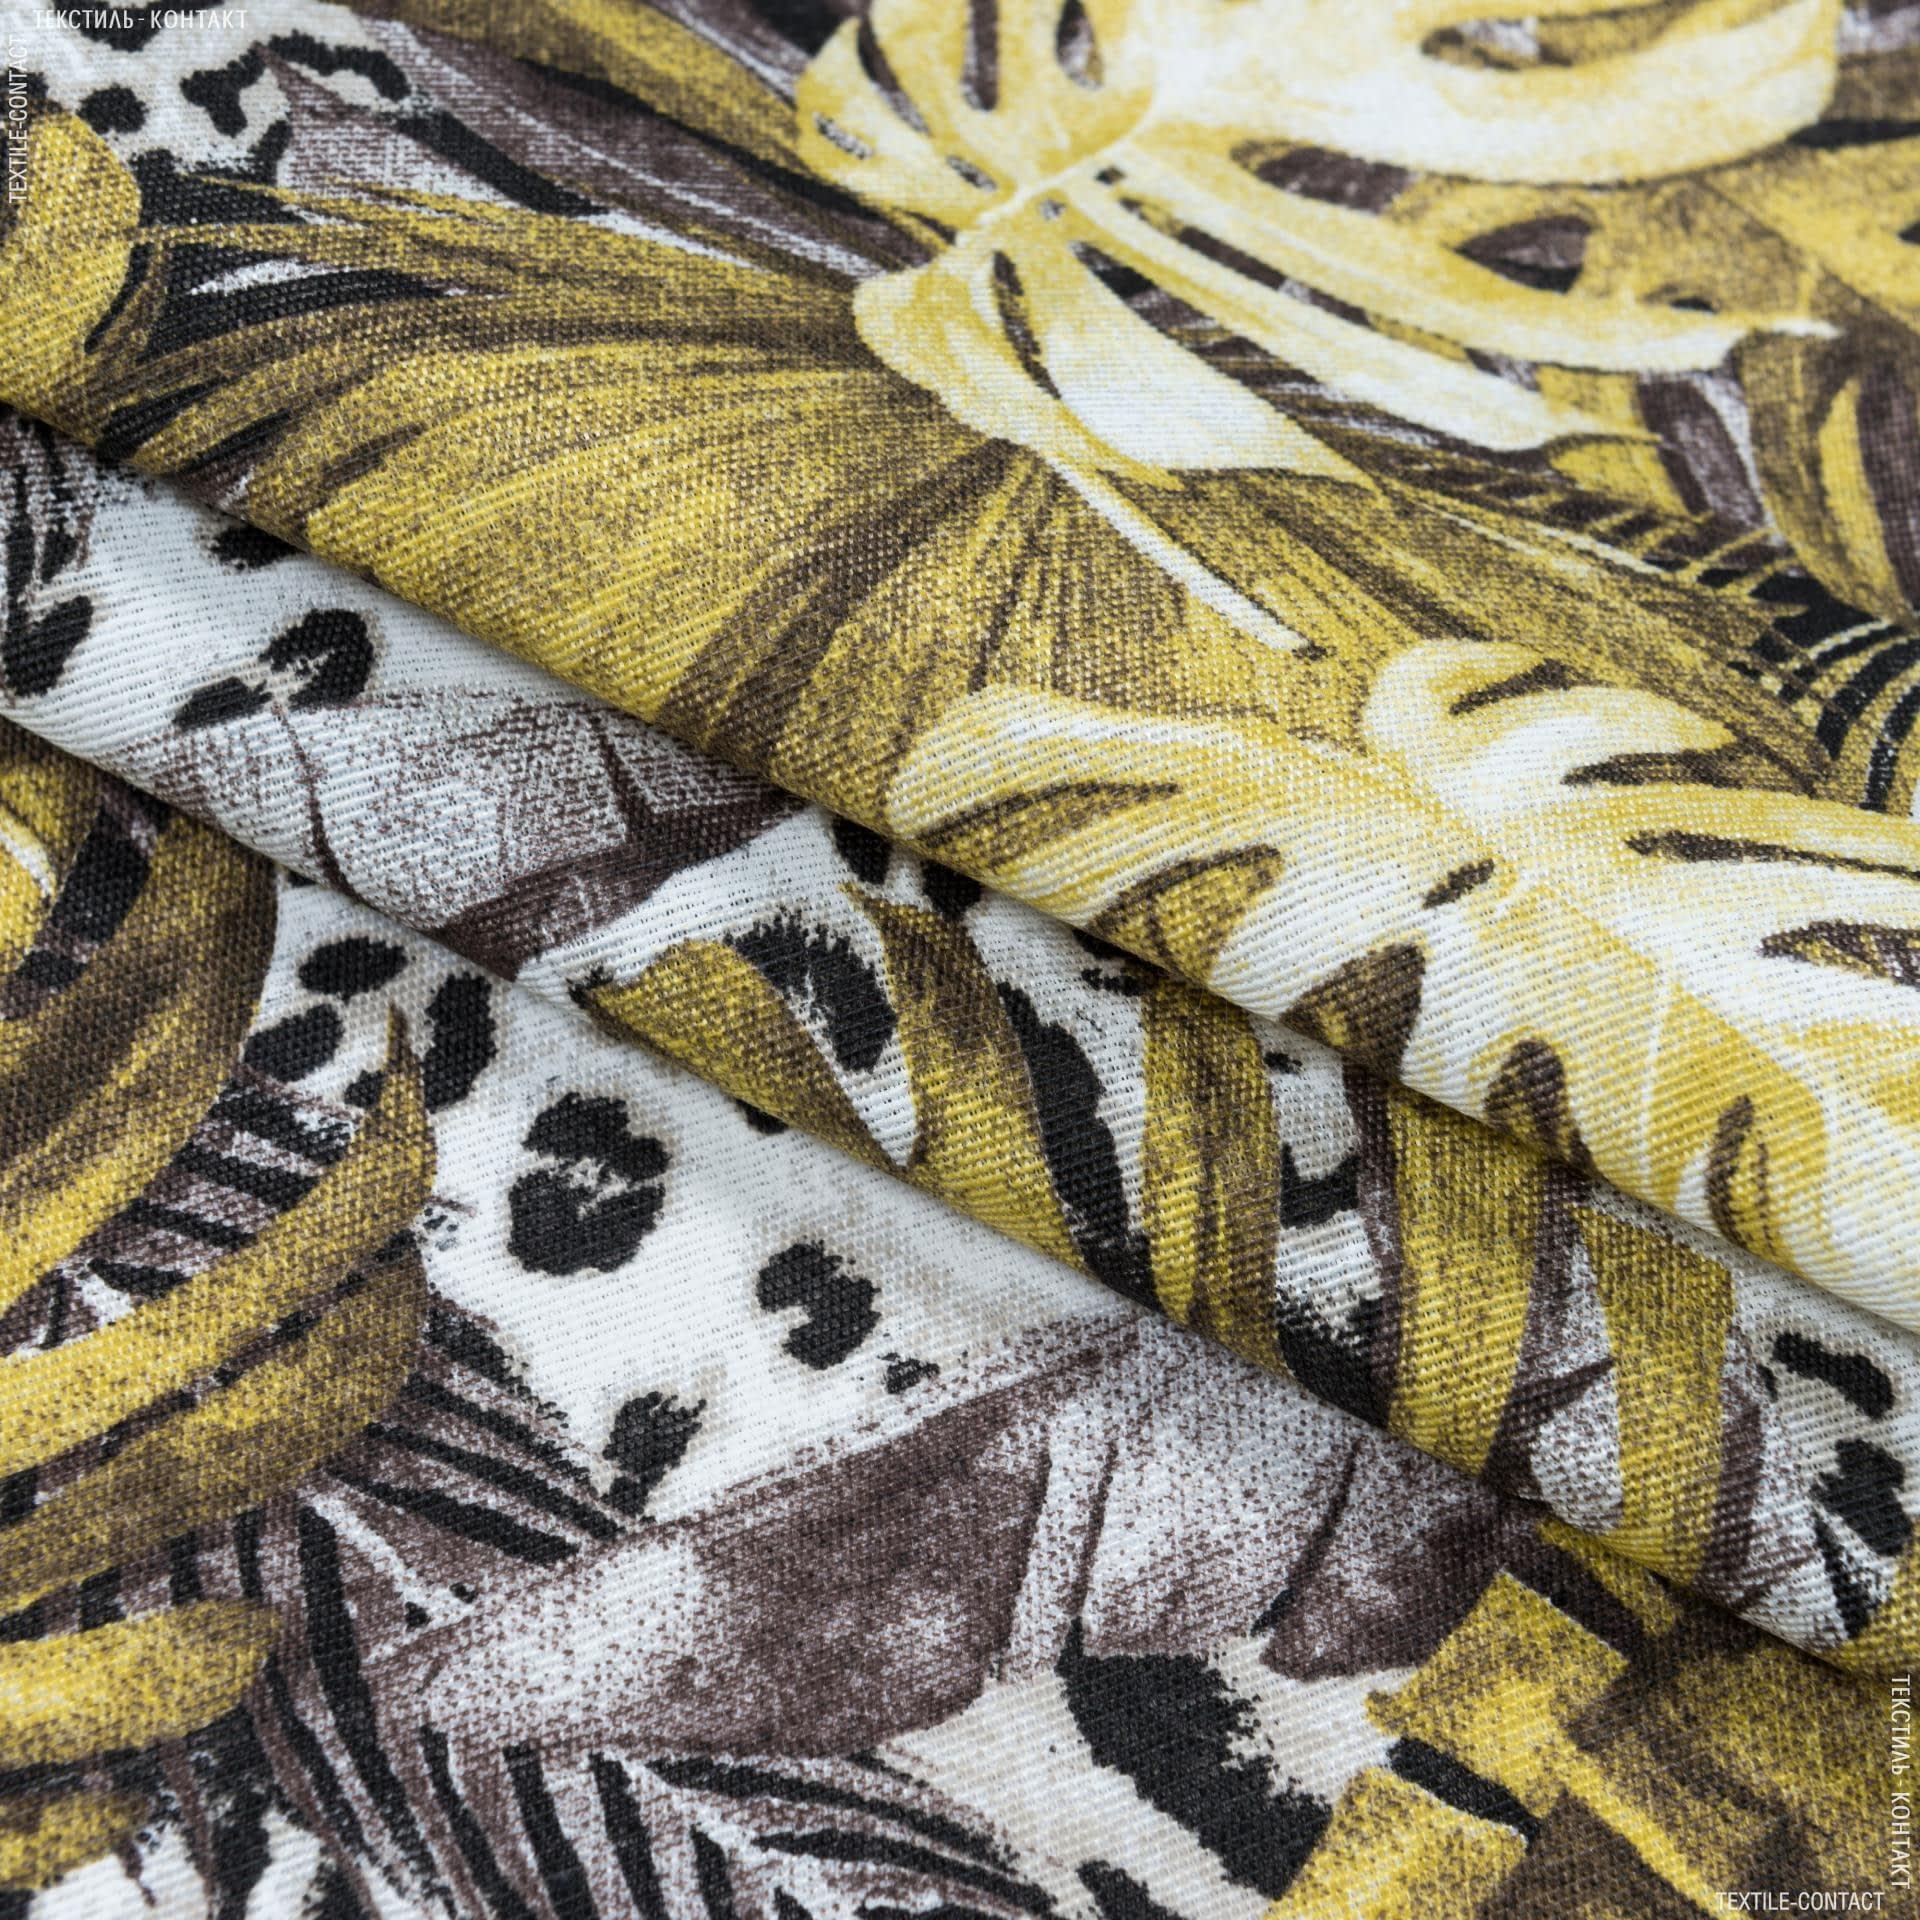 Ткани портьерные ткани - Декоративная ткань селва крупный лист / selva золотой